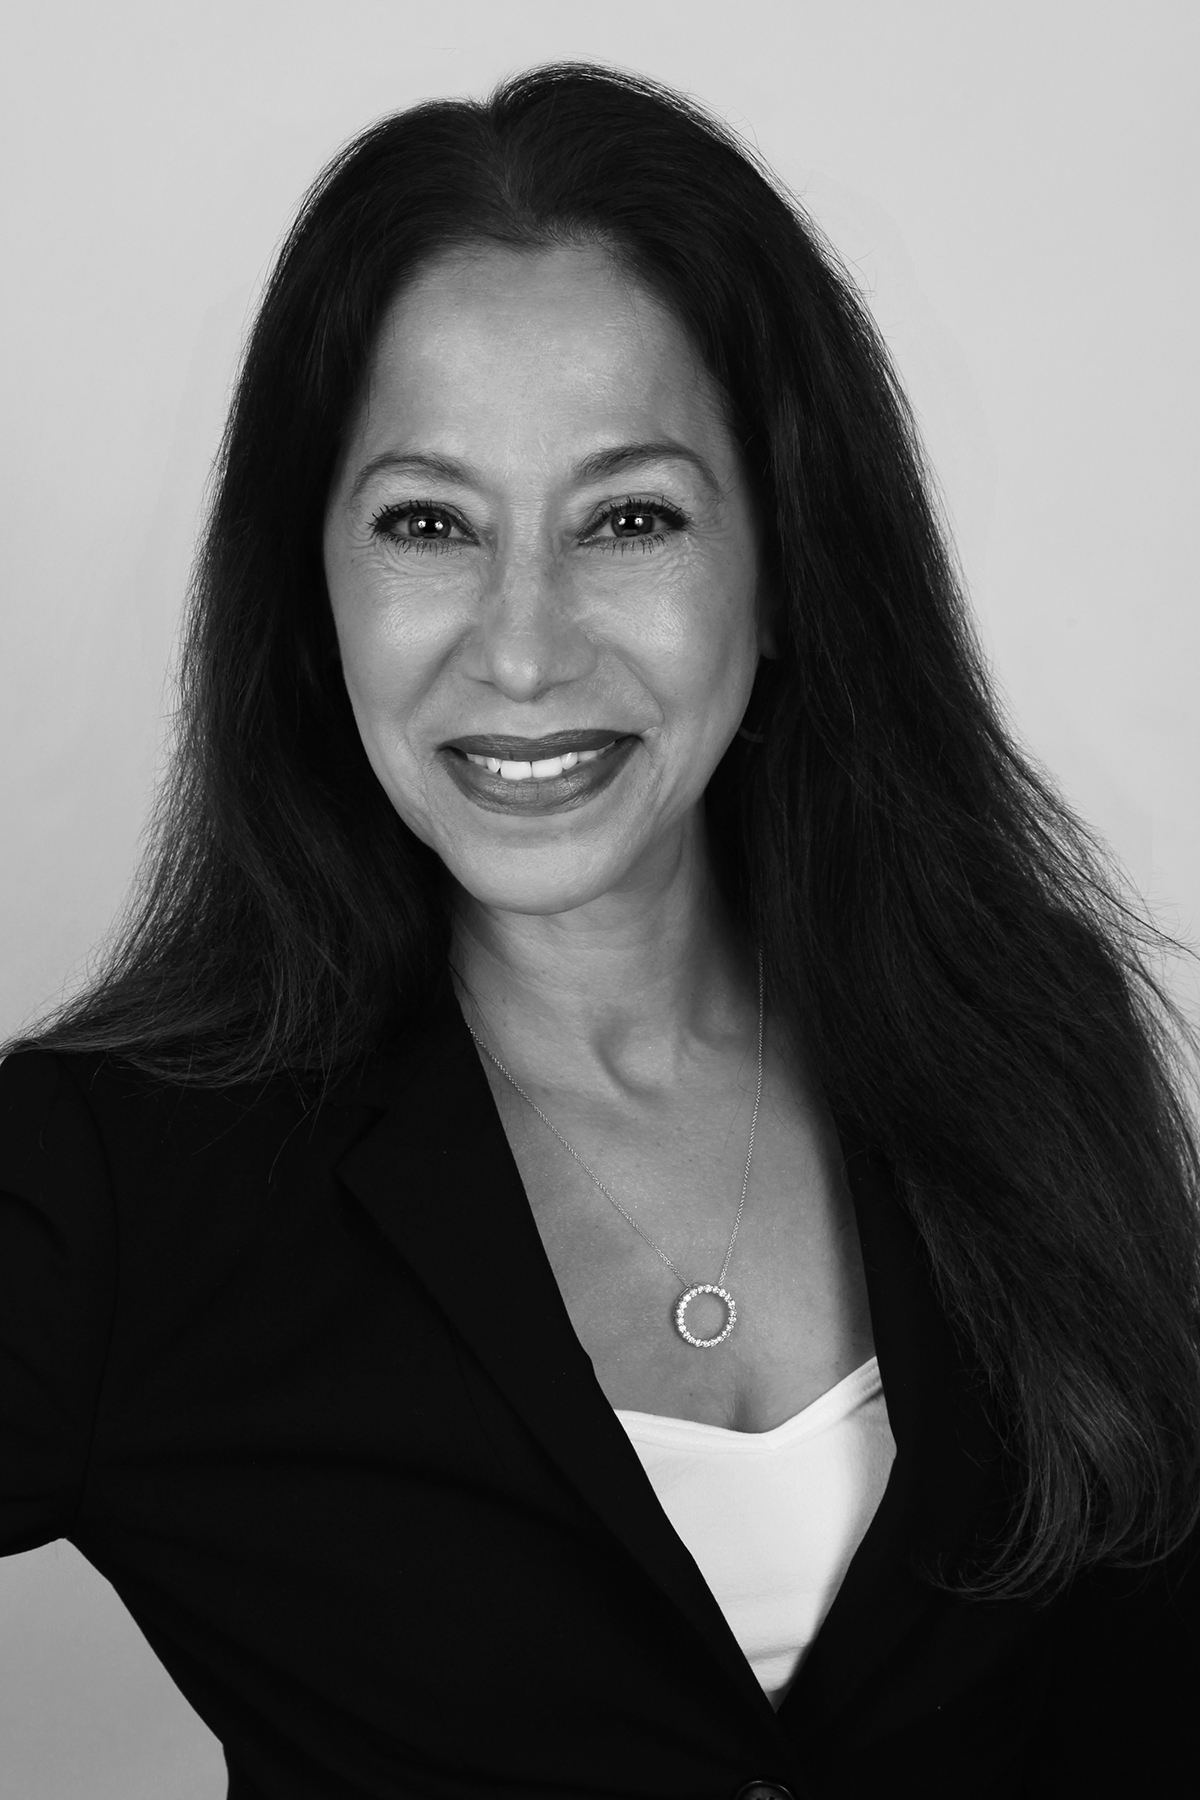 Gail Ciallella